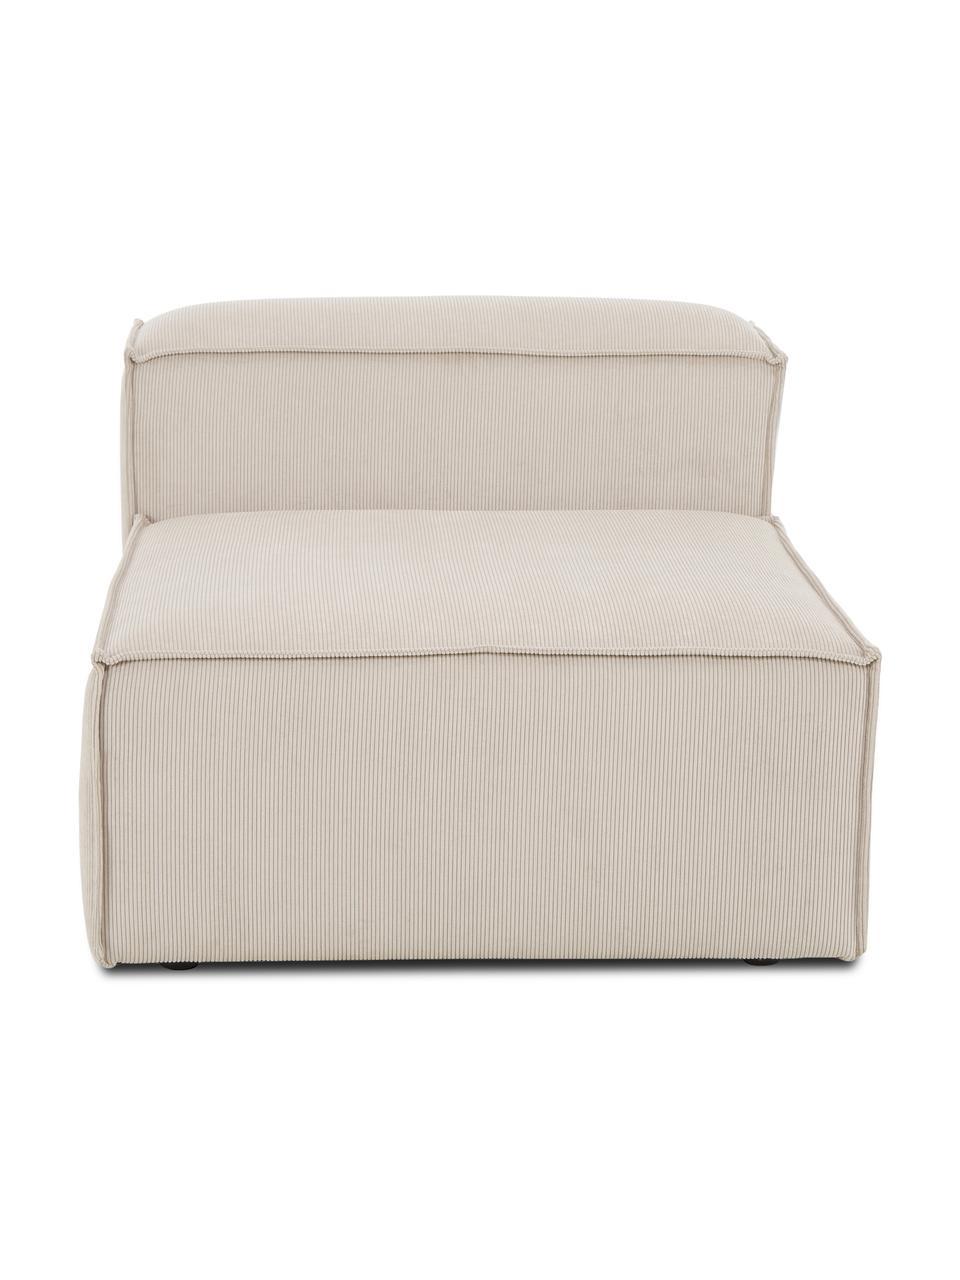 Módulo central de pana sofá Lennon, Tapizado: pana (92%poliéster, 8%p, Estructura: madera de pino maciza, ma, Patas: plástico Las patas están , Pana beige, An 89 x F 119 cm